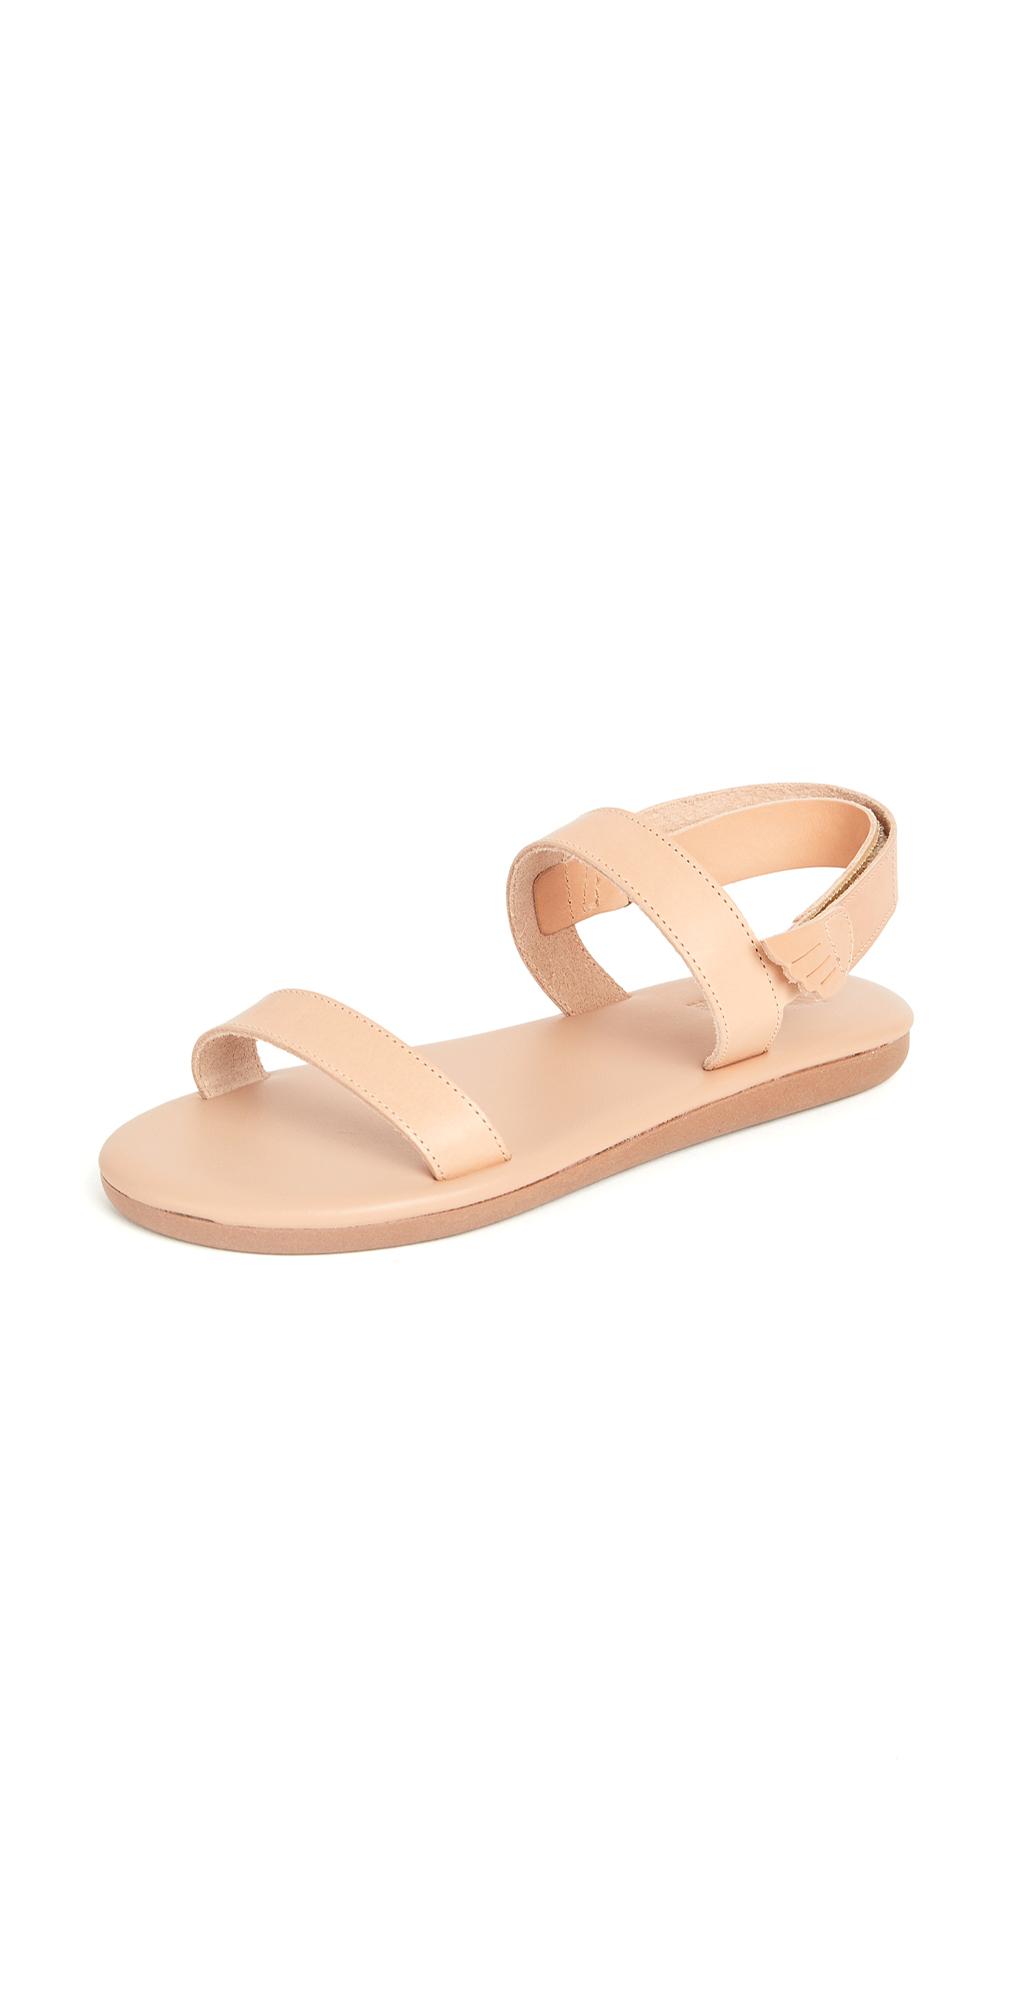 Ancient Greek Sandals Agatha Sandals